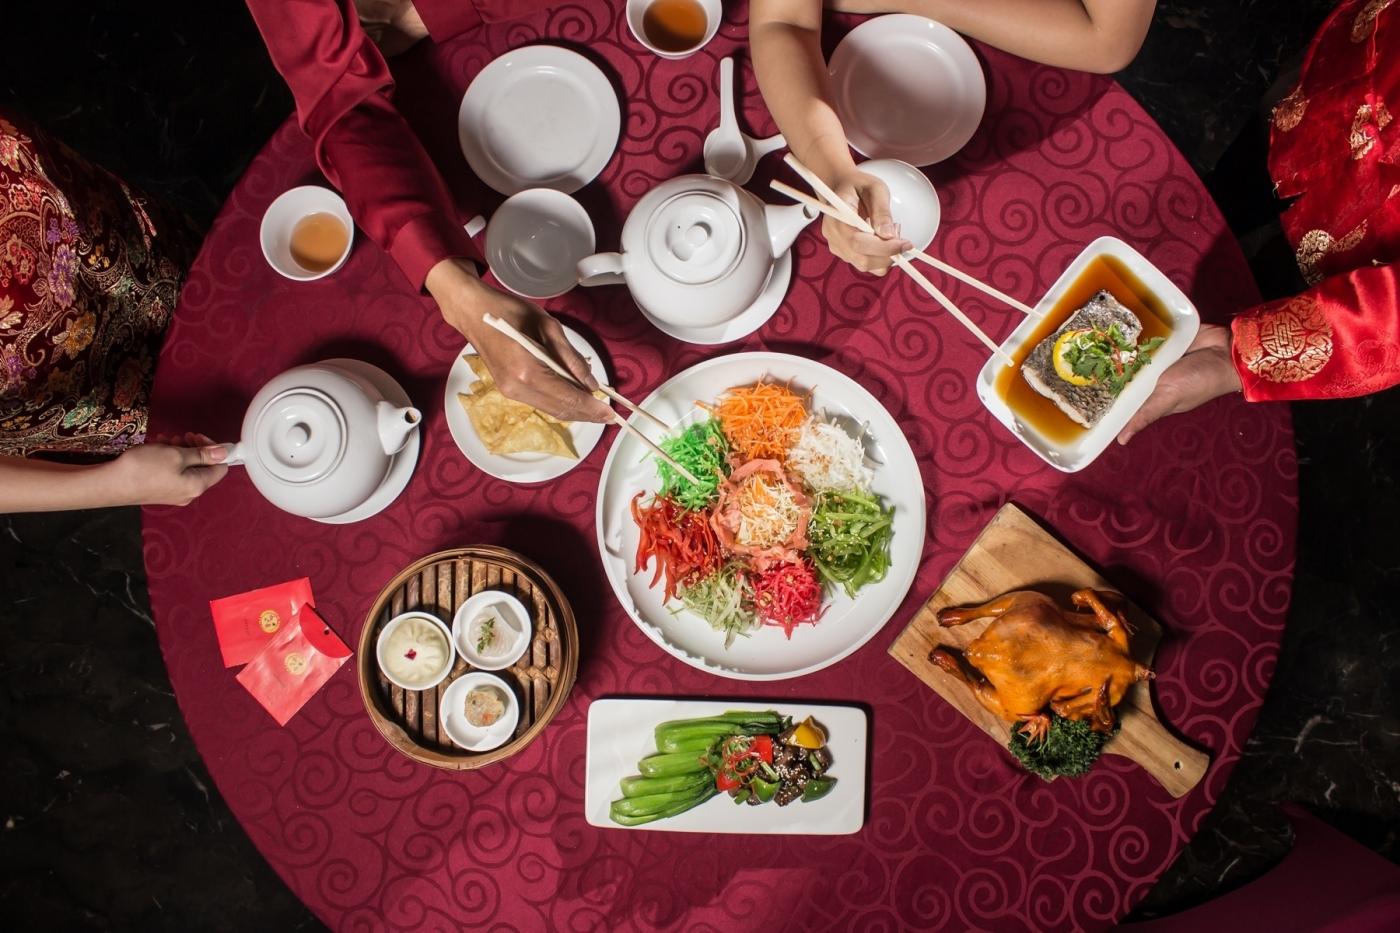 玩聯名款、攻頂級市場!2021年菜廝殺戰,台灣餐飲集團搶60億商機